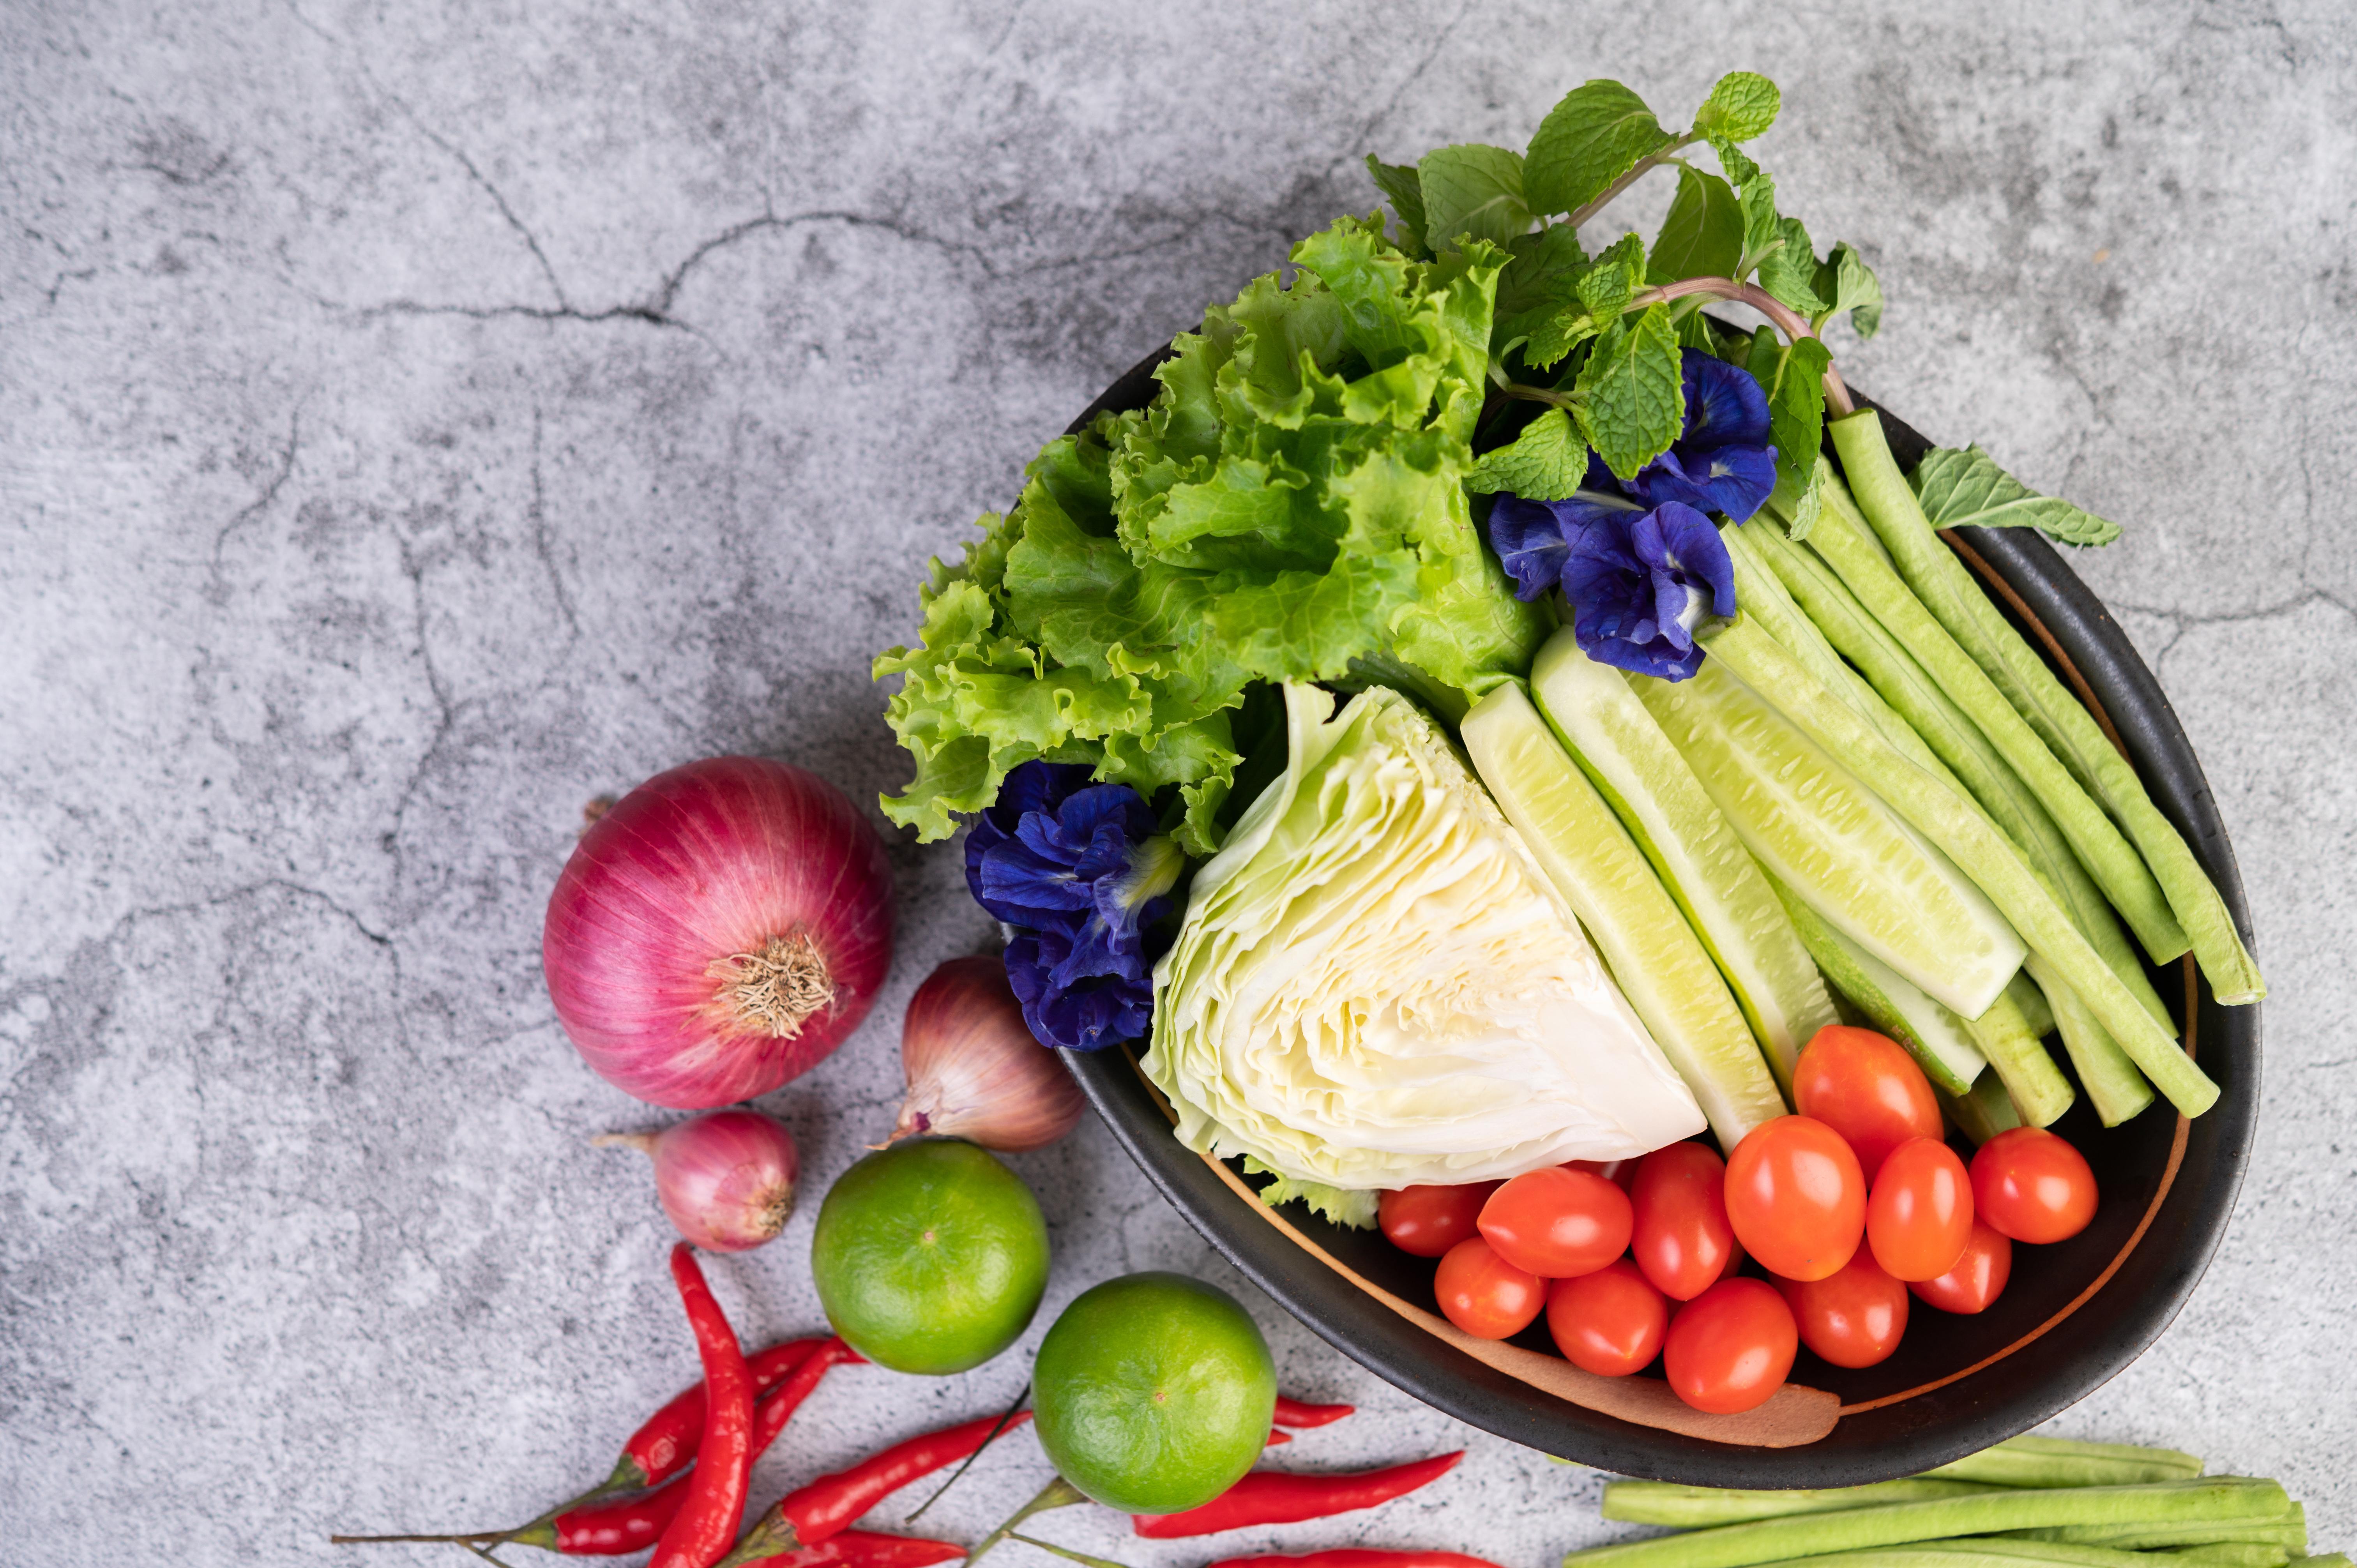 نظام غذائي لتقليل ارتفاع حمض اليوريك